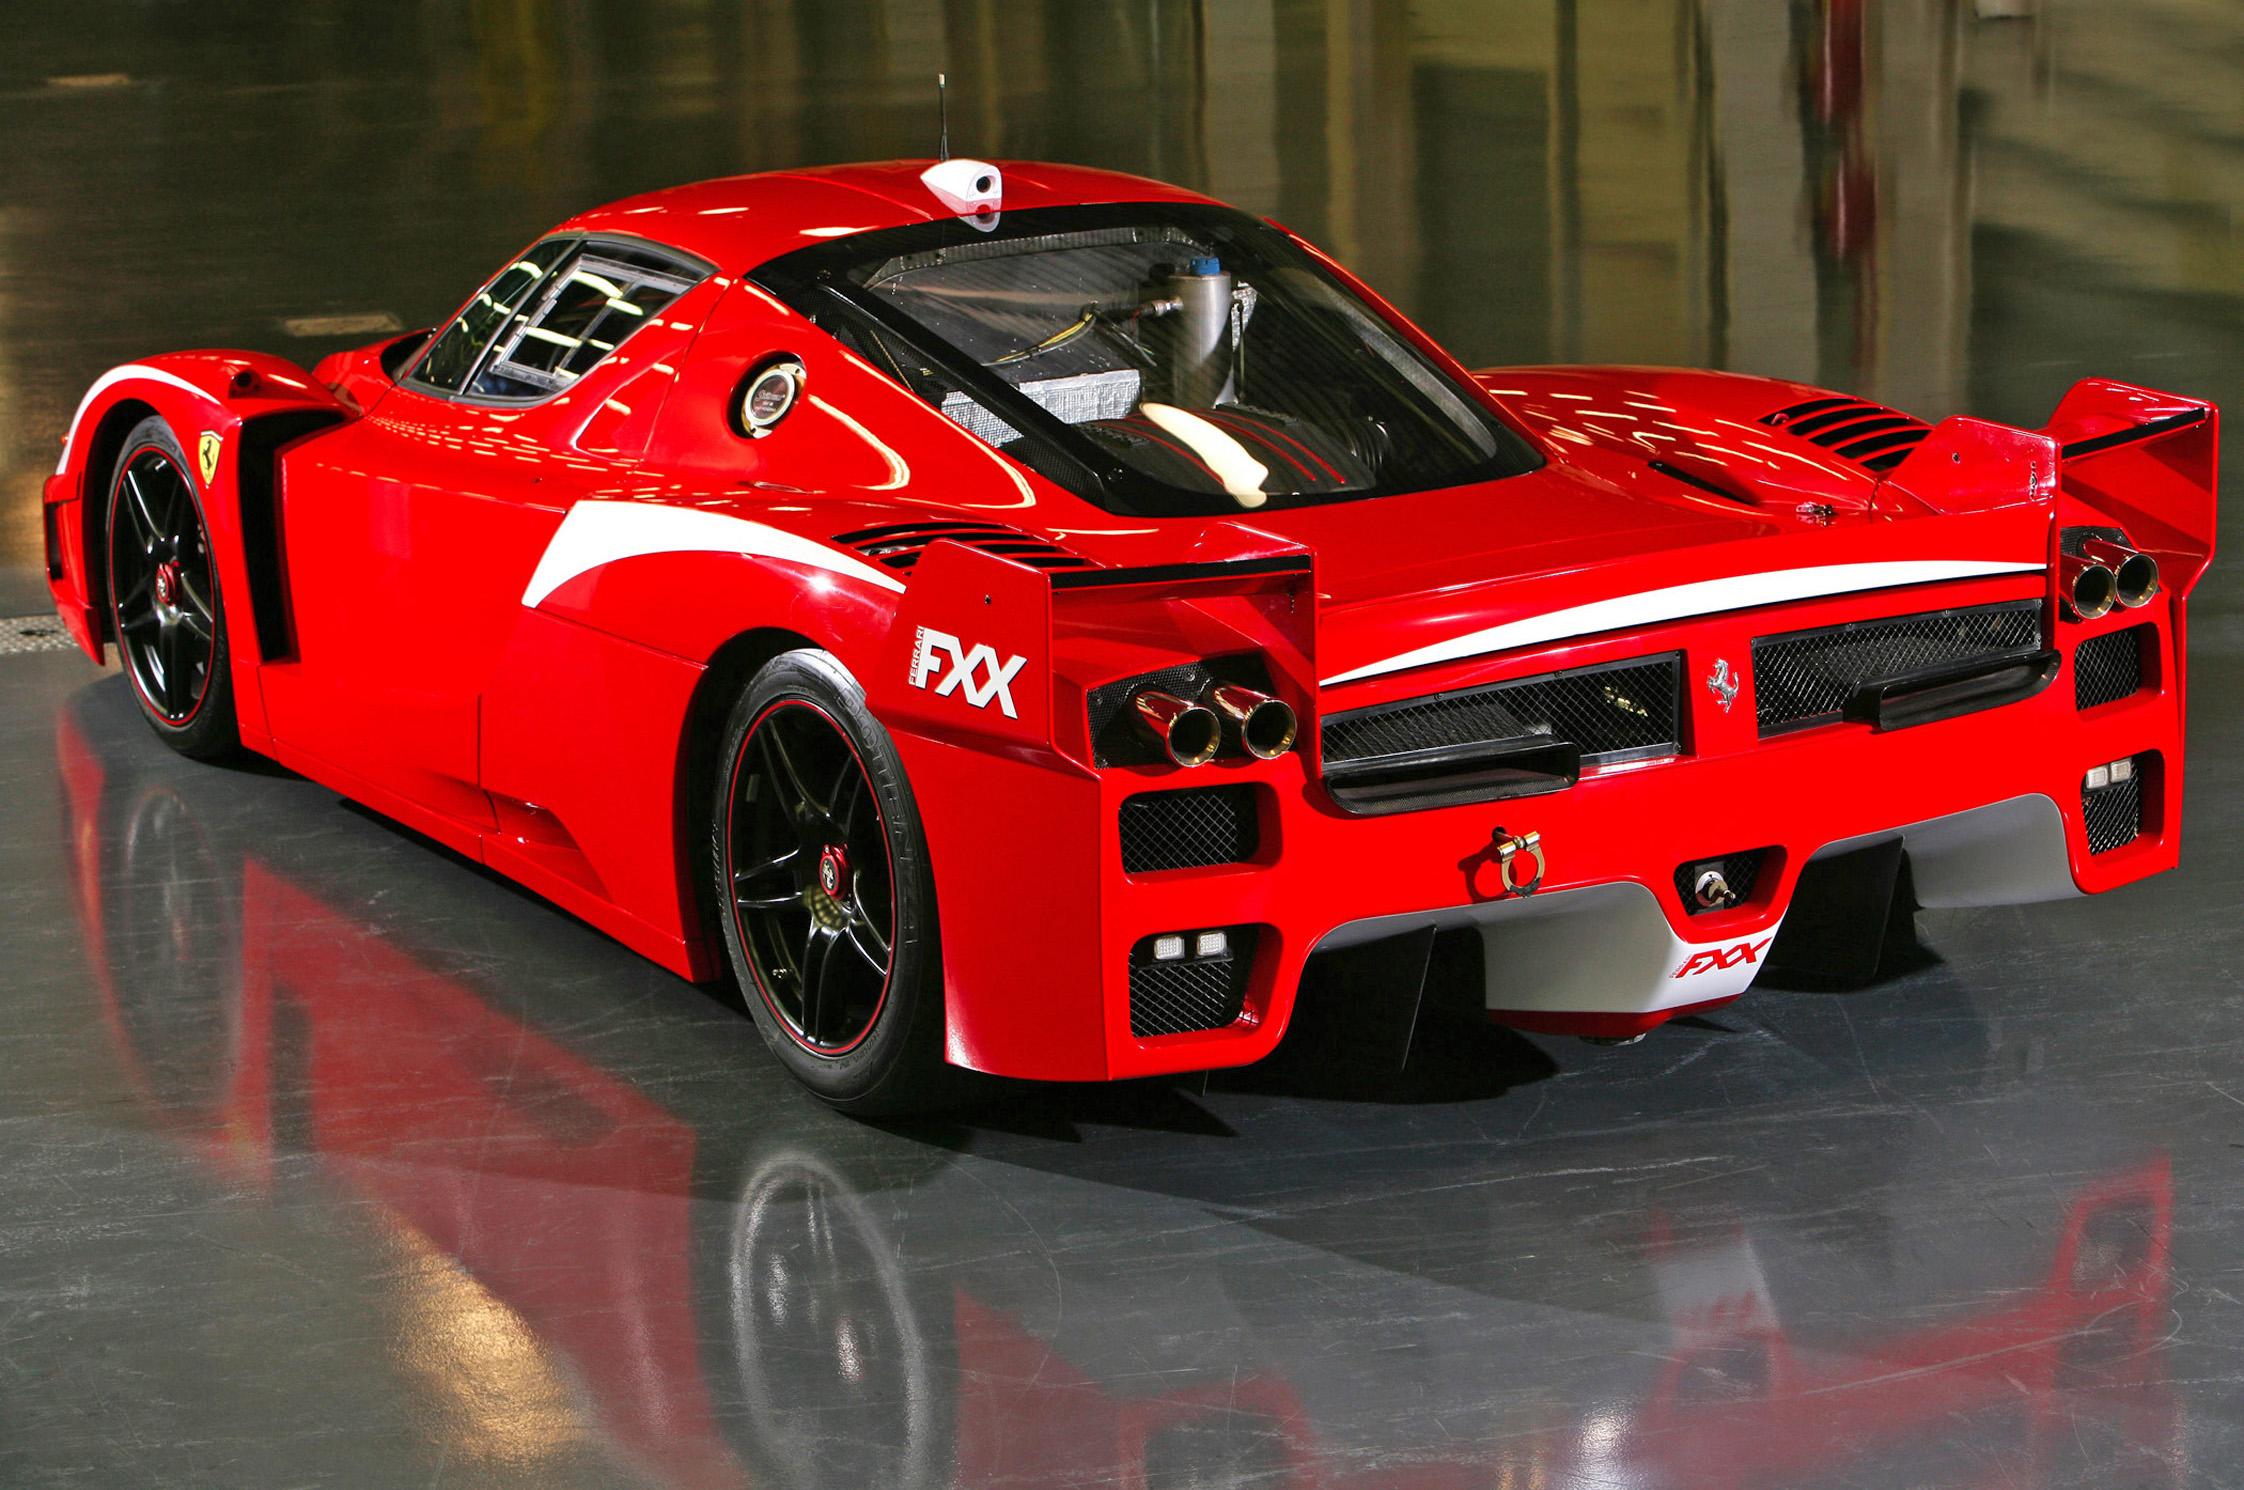 Schumacher All Asta La Ferrari Fxx News Automoto It